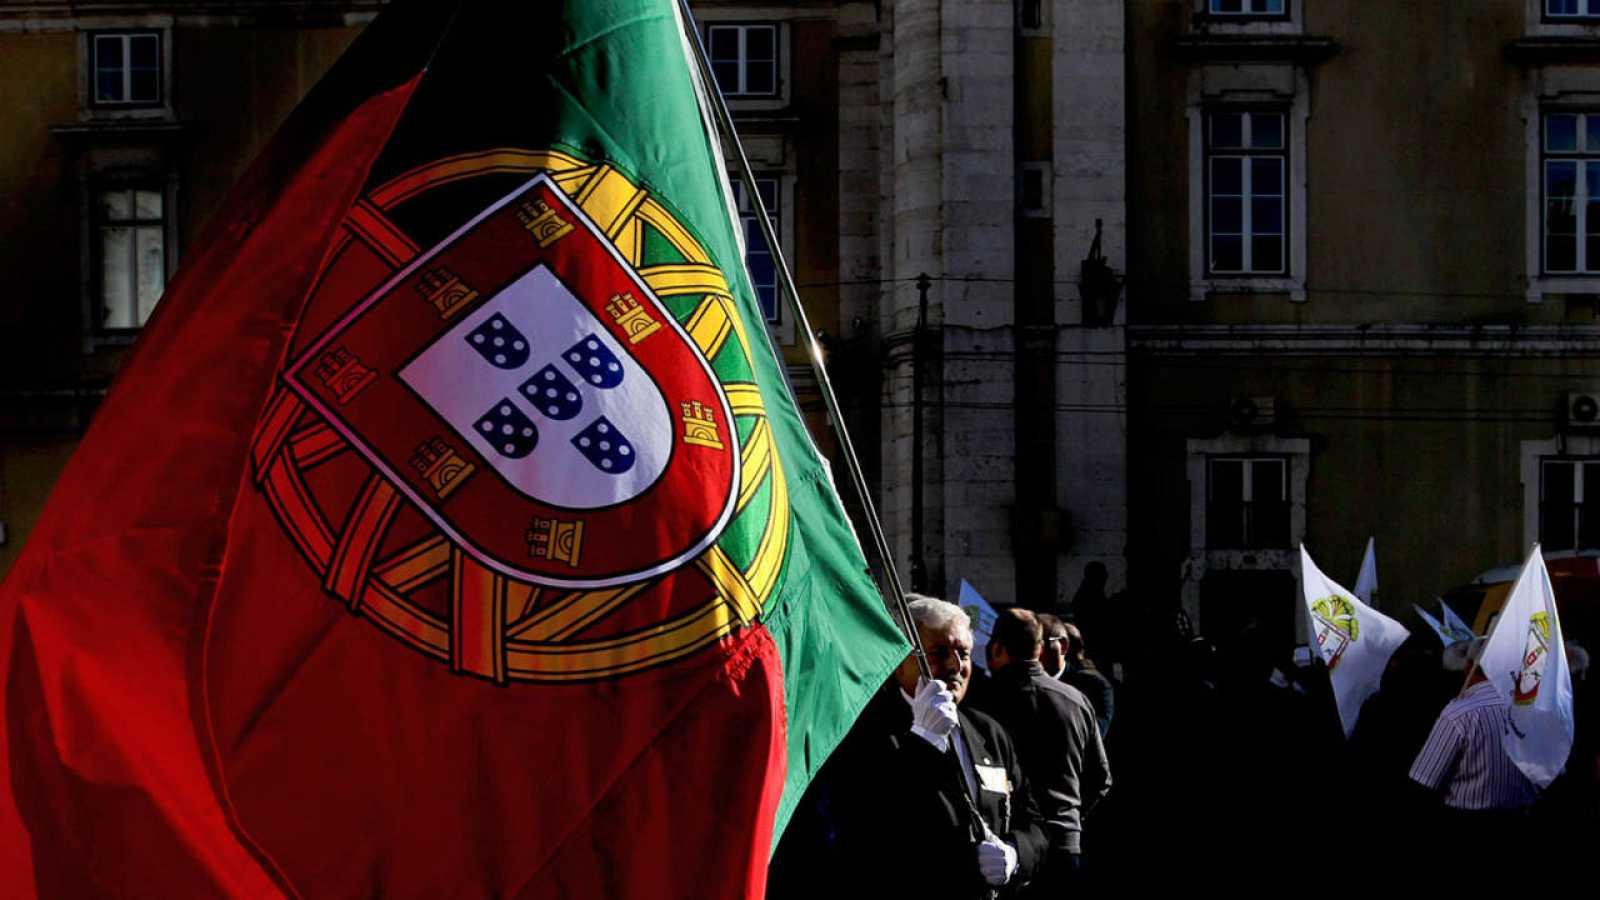 Un hombre porta una bandera de Portugal durante una manifestación contra la austeridad celebrada en 2012